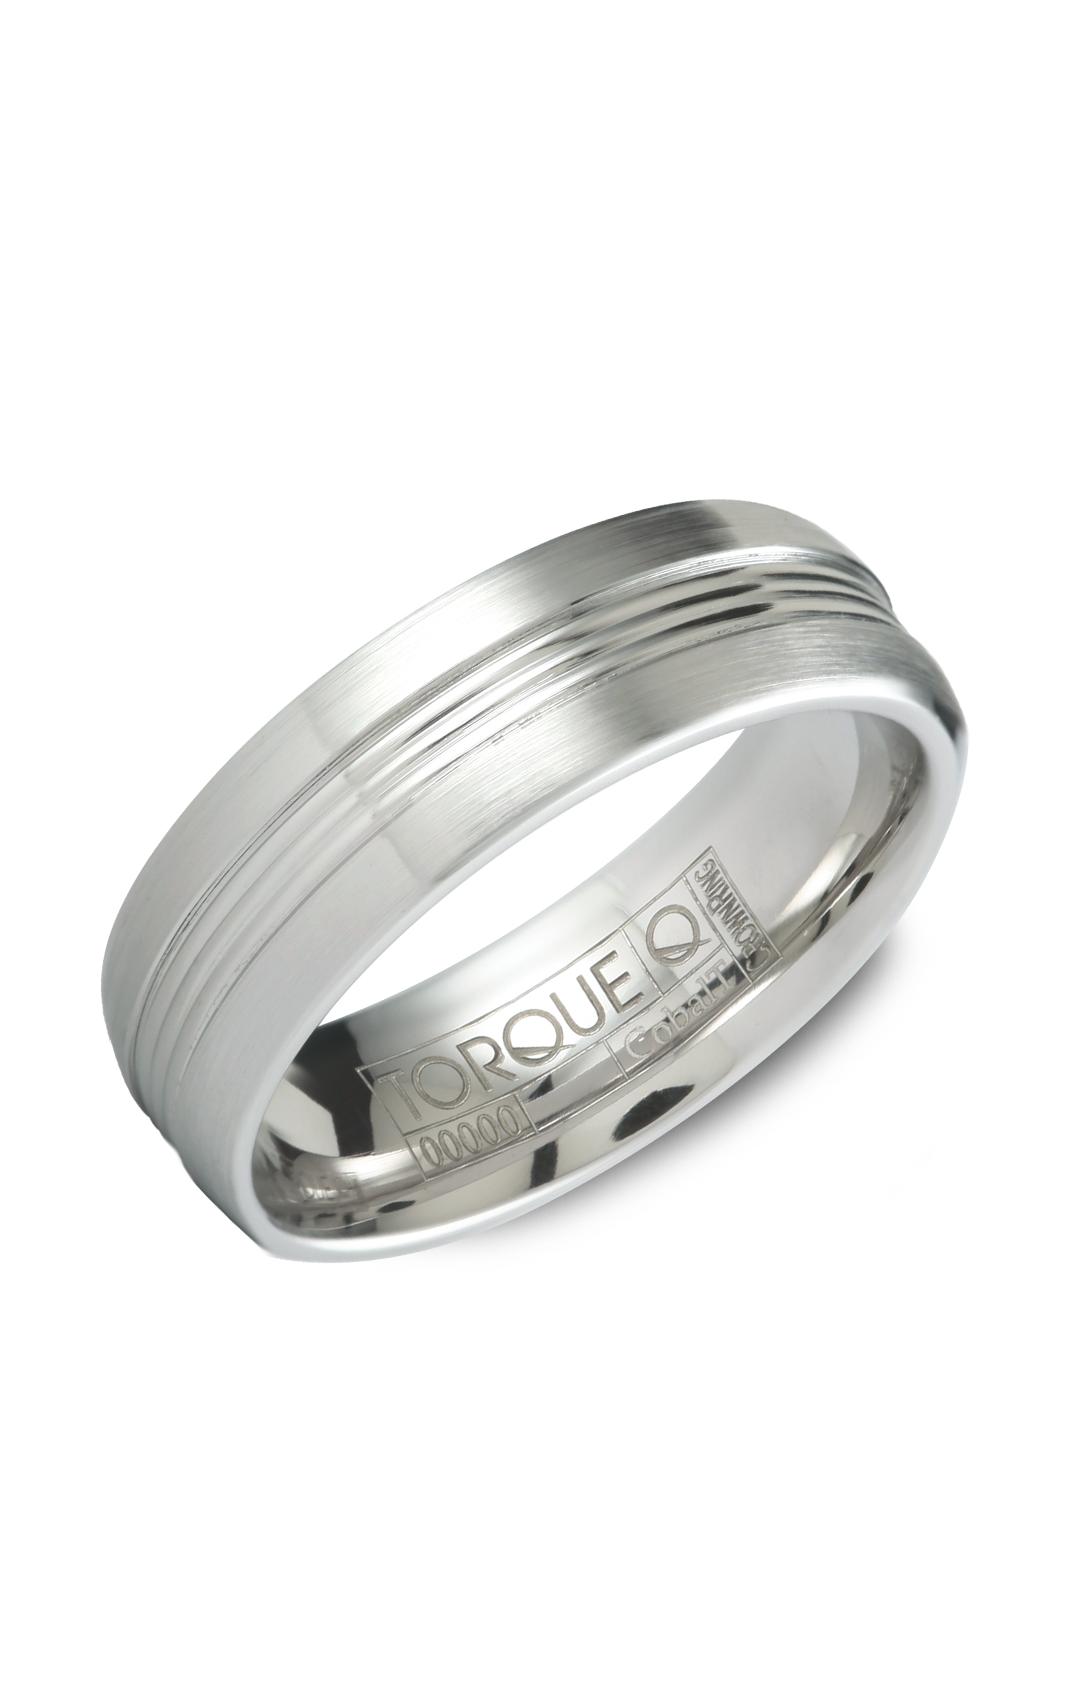 Torque Cobalt CB-7130 product image